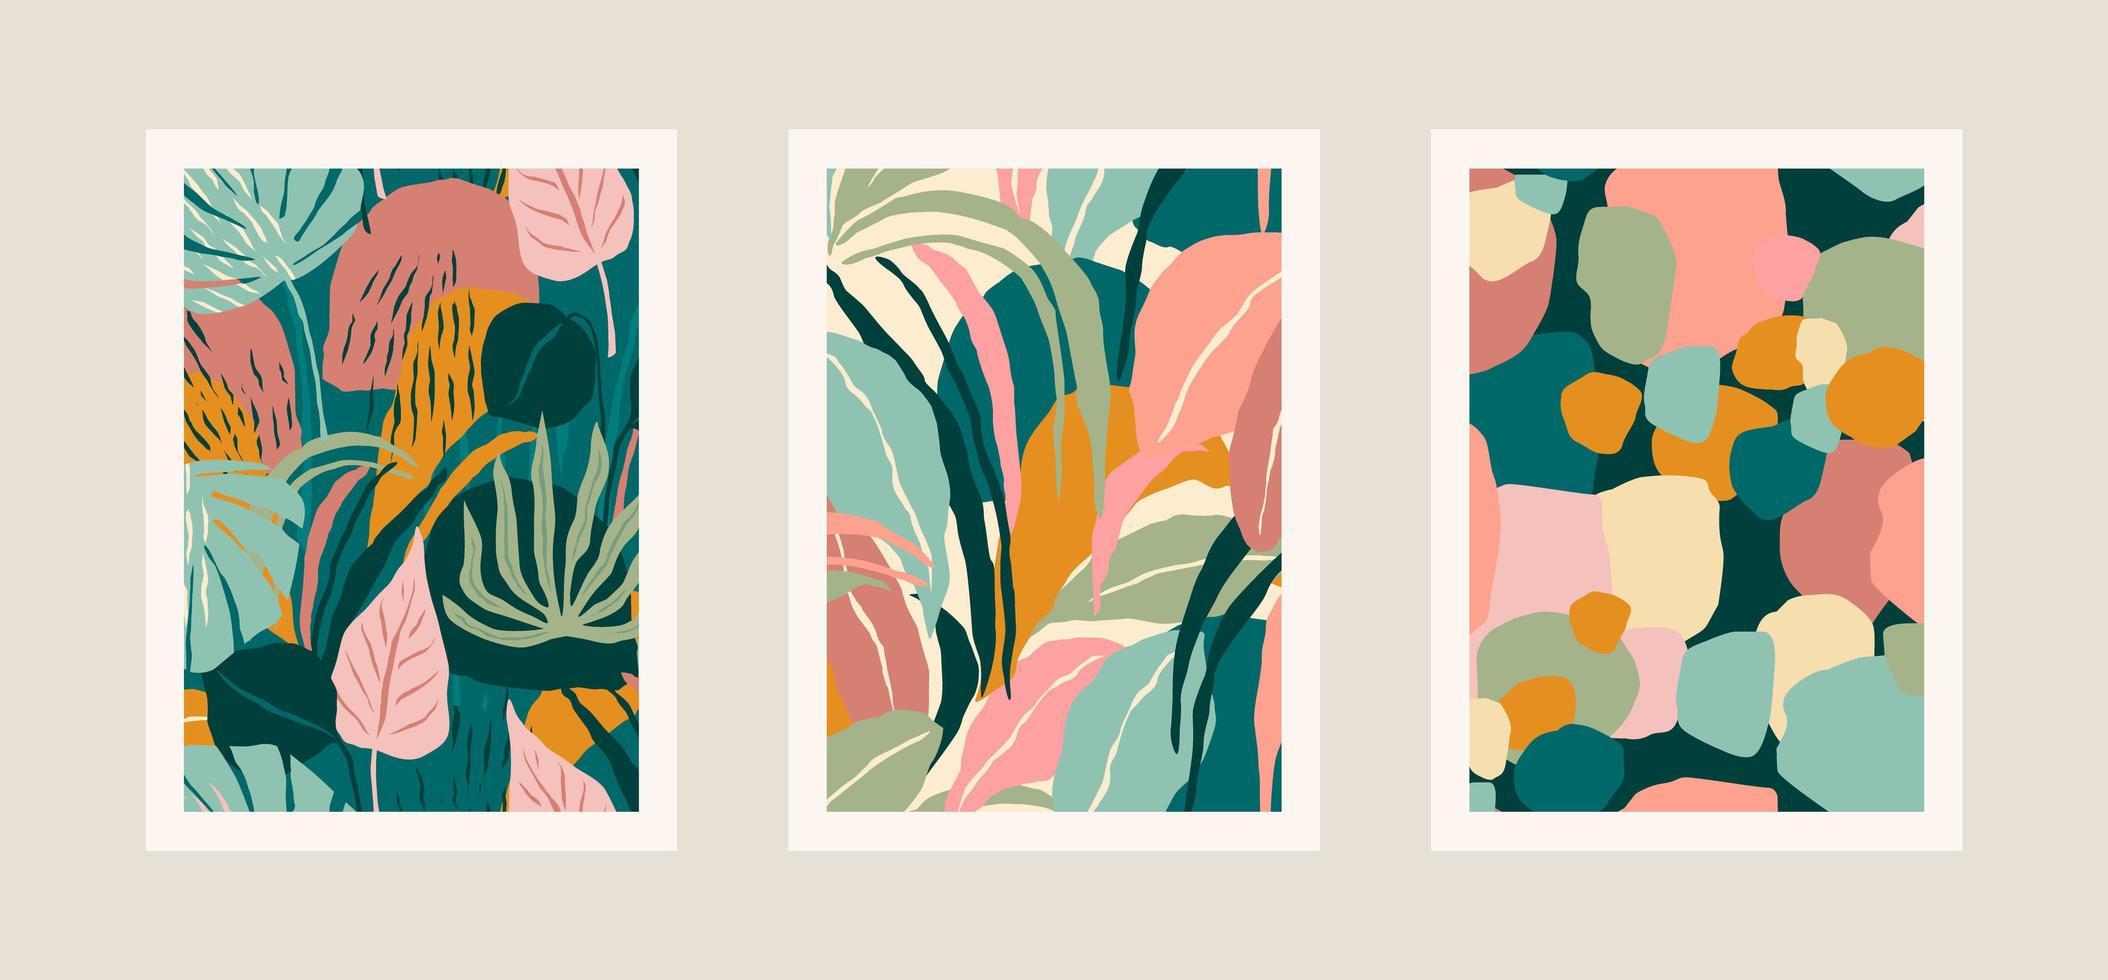 coleção de arte imprime com folhas abstratas. design moderno vetor